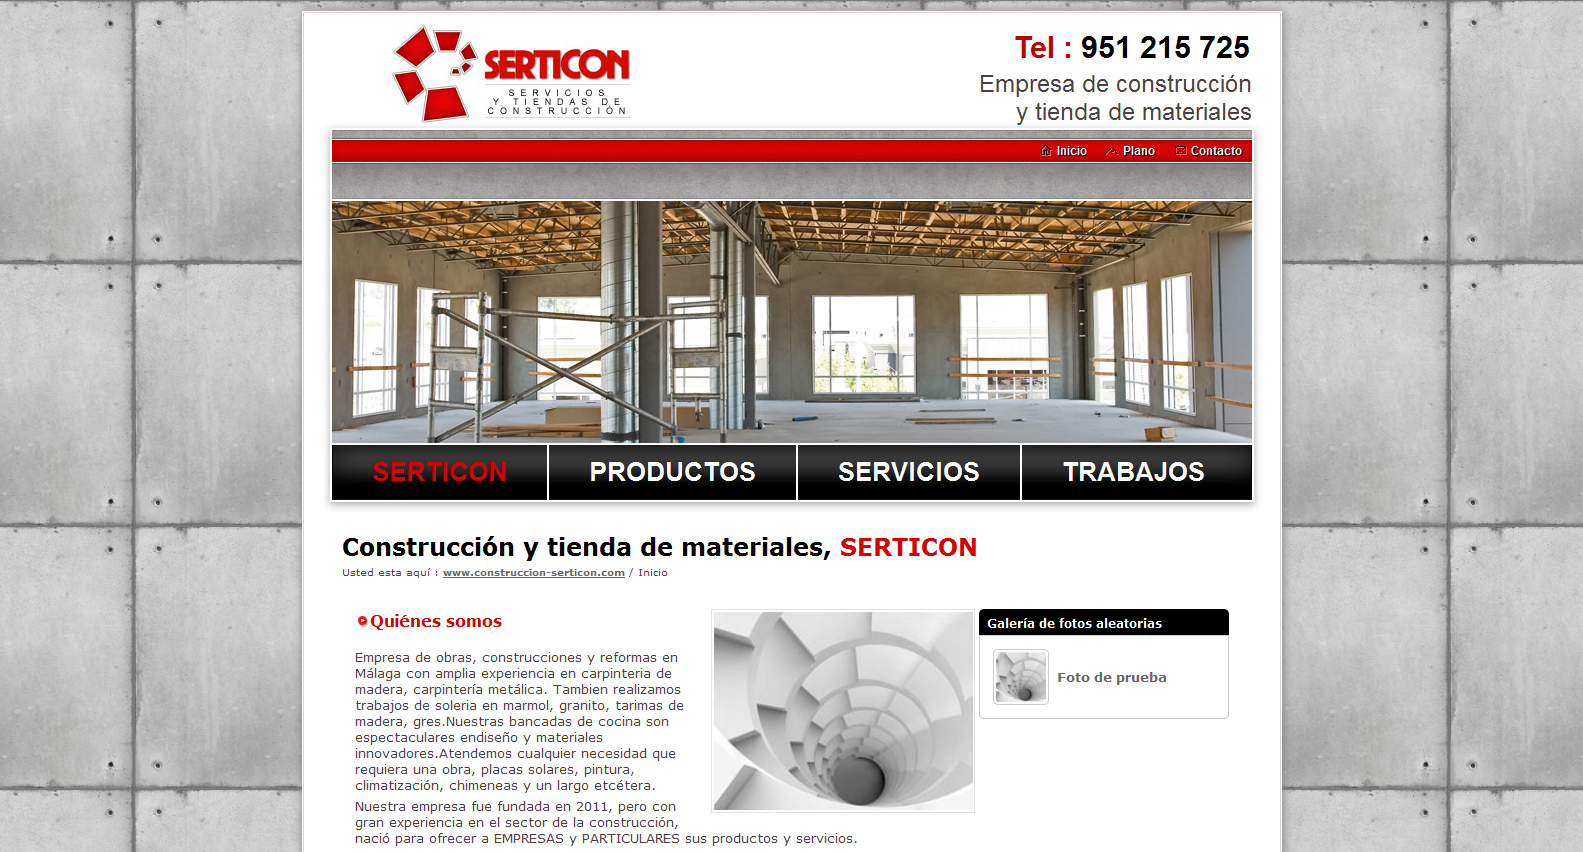 Serticon